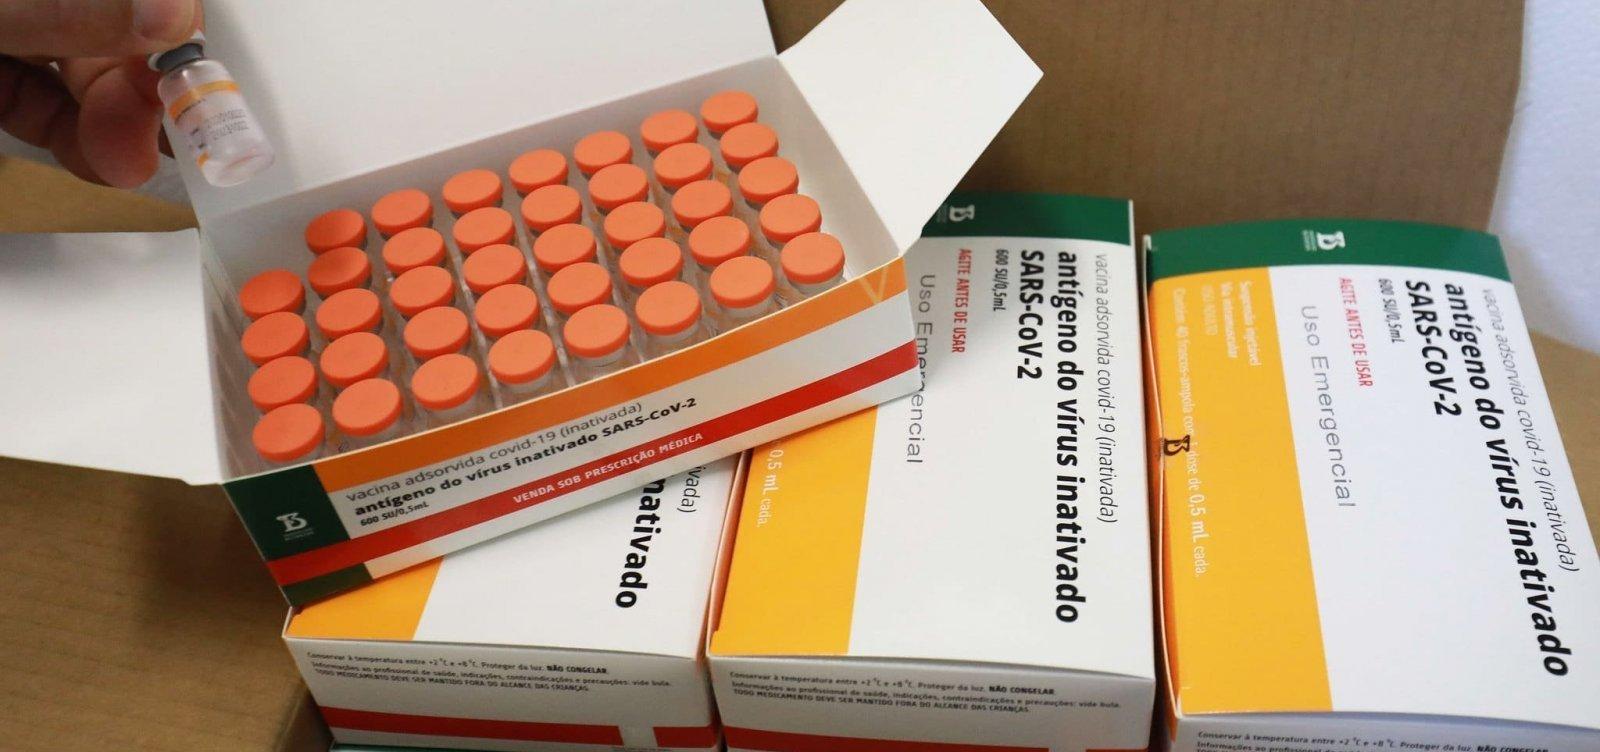 Butantan entrega doses e atinge quantidade prevista em contrato